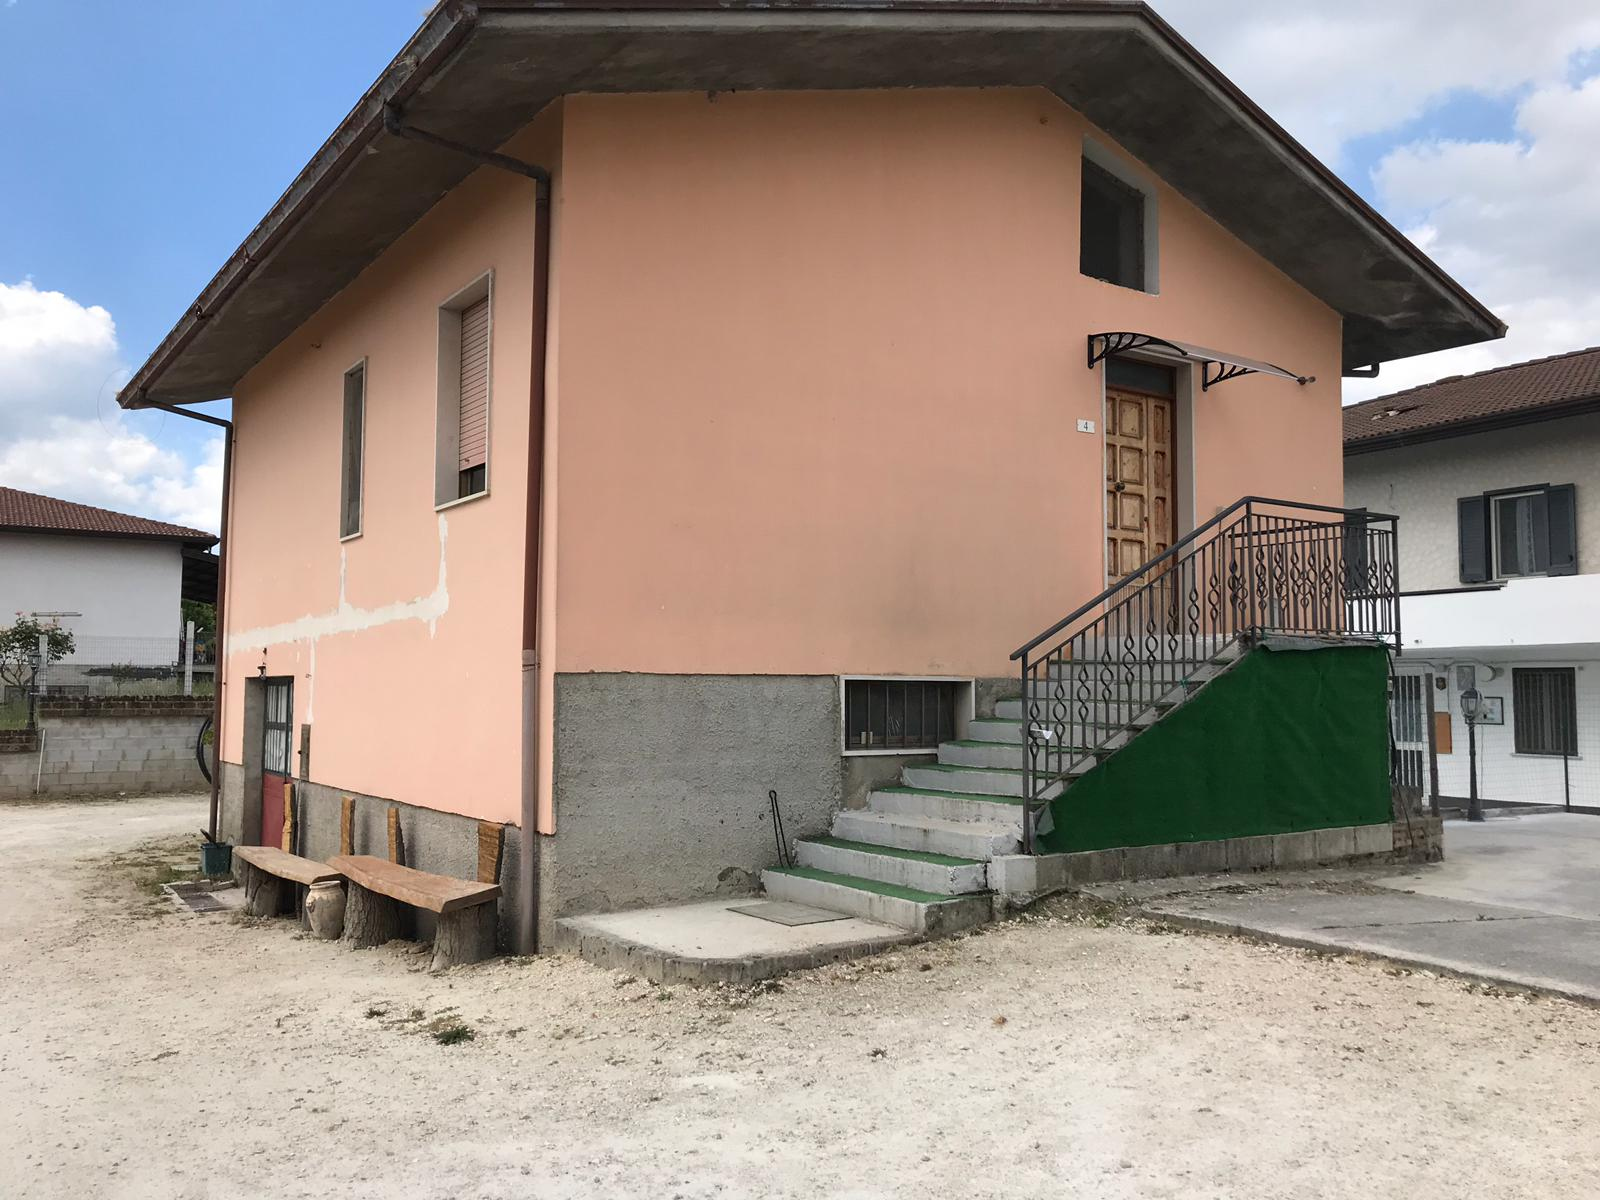 Soluzione Indipendente in vendita a San Giorgio del Sannio, 3 locali, prezzo € 69.000 | CambioCasa.it